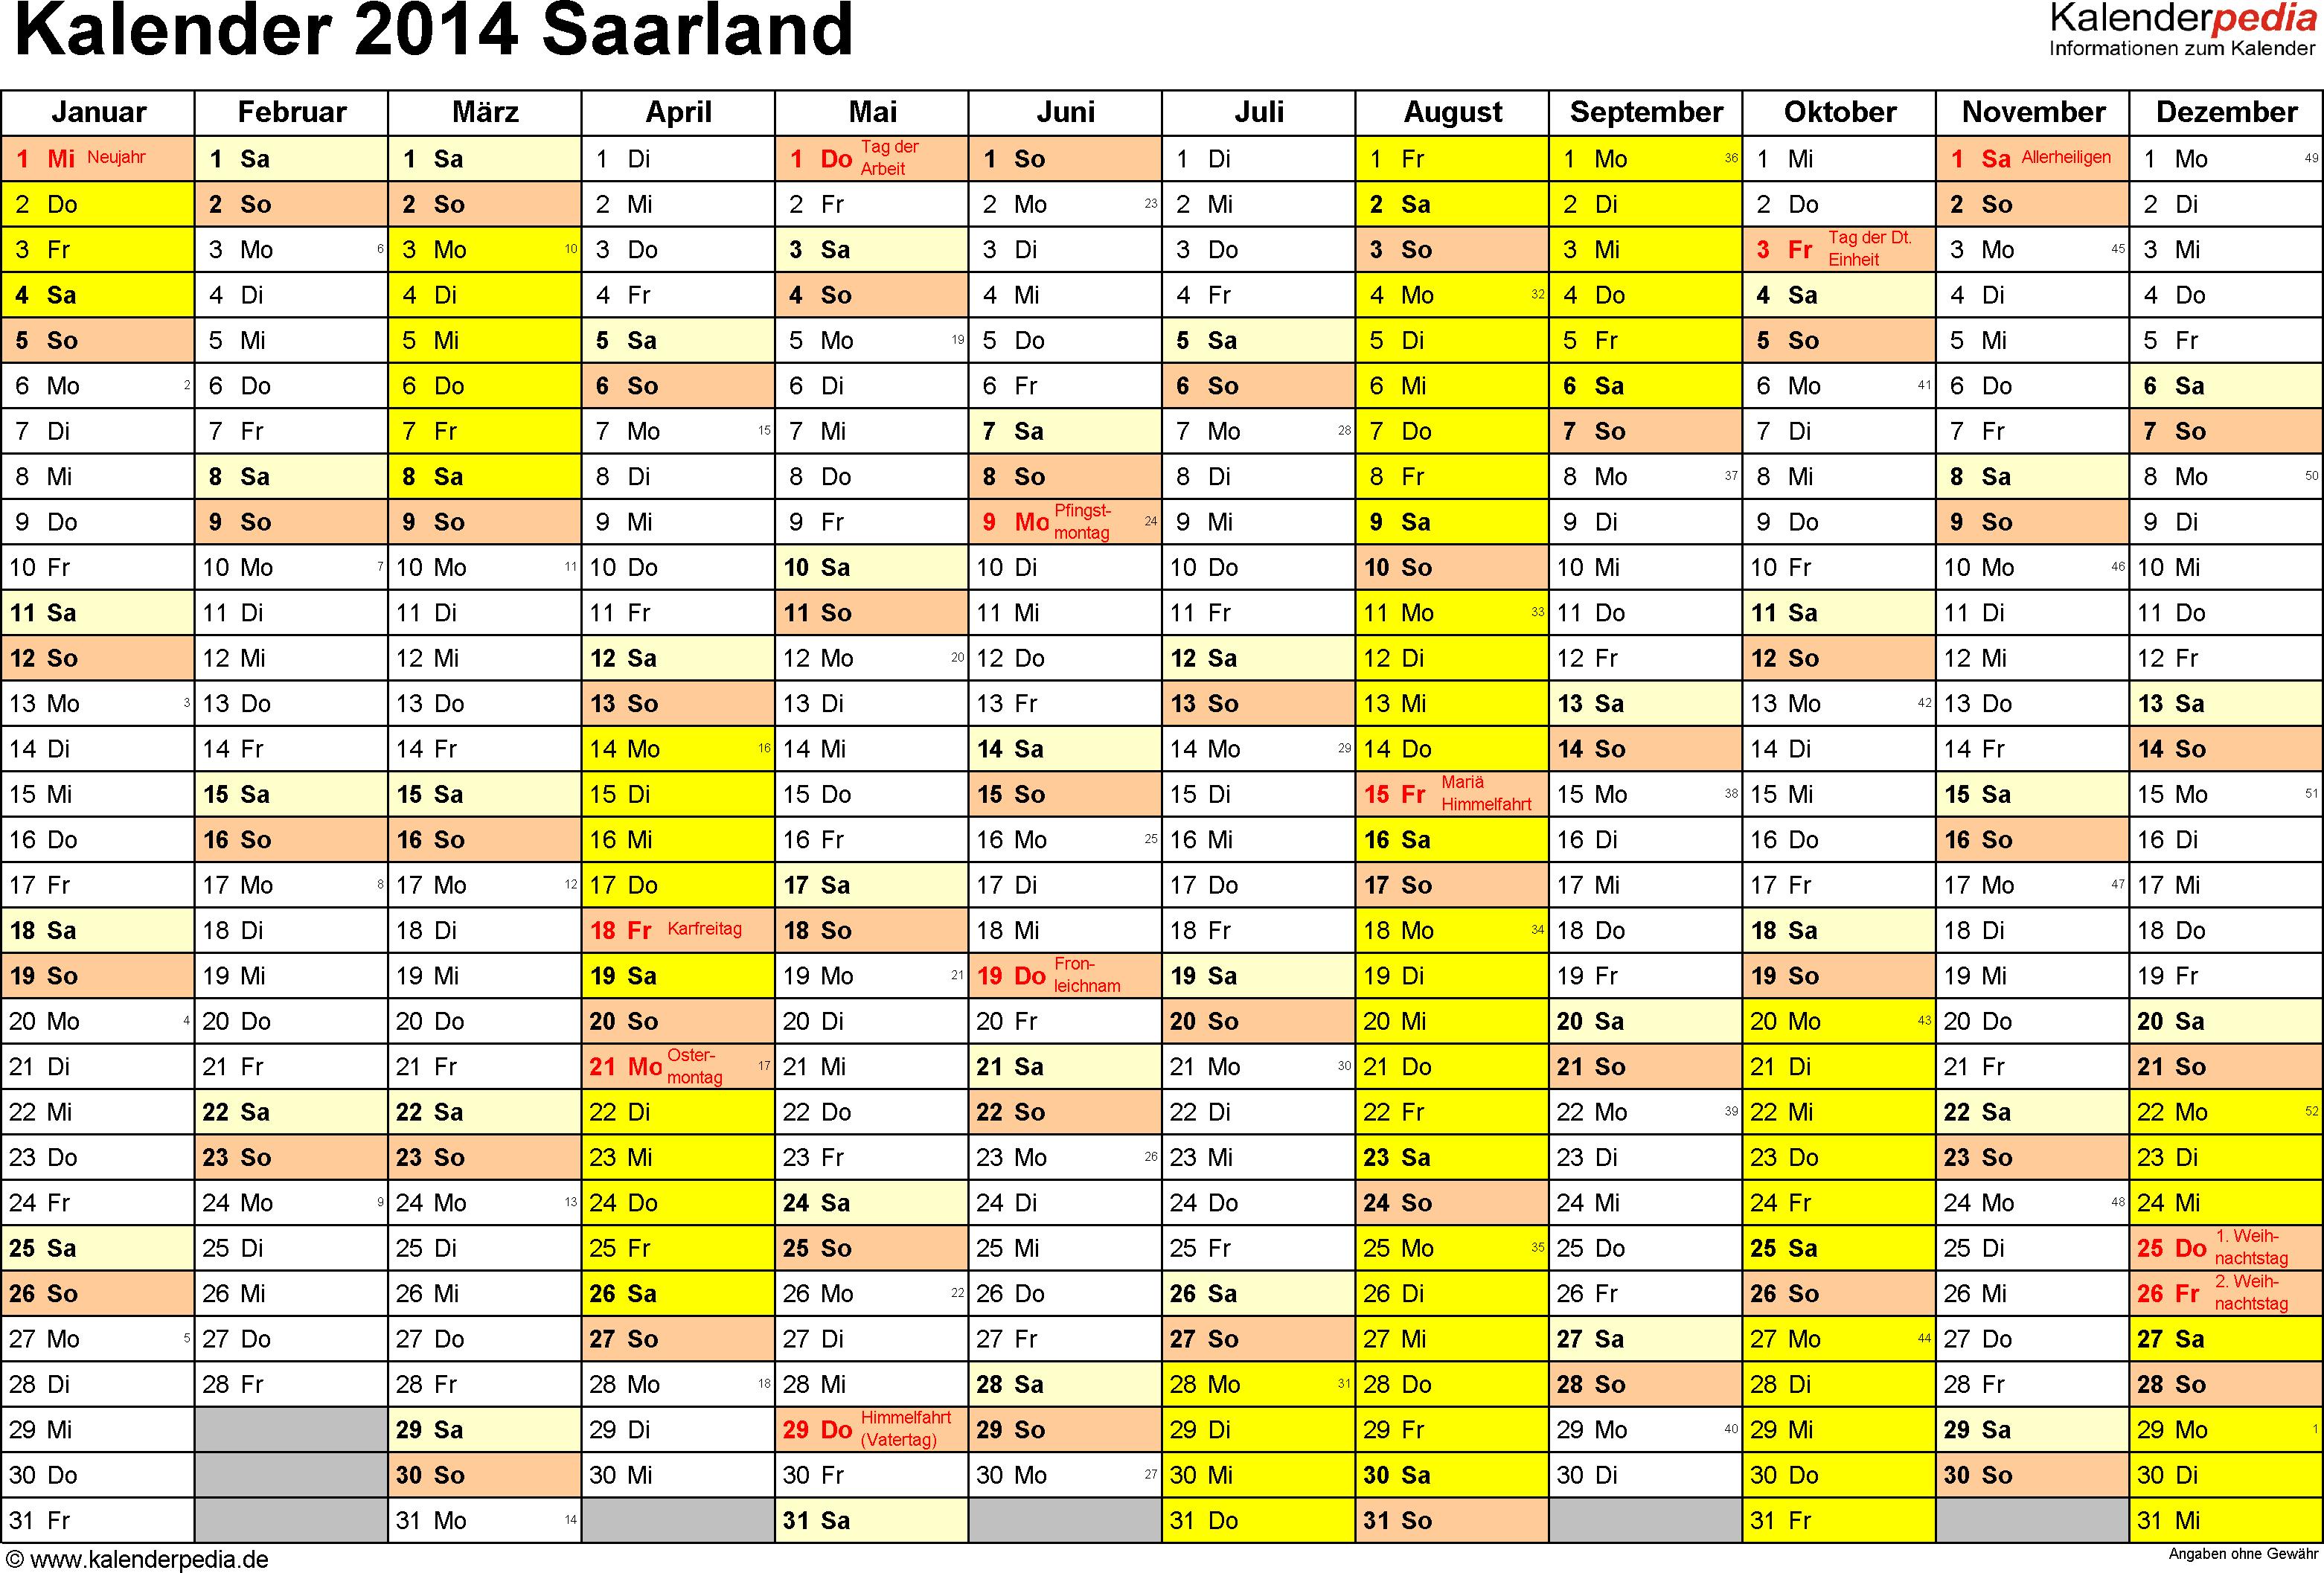 Vorlage 1: Kalender 2014 für Saarland als PDF-Vorlage (Querformat, 1 Seite)